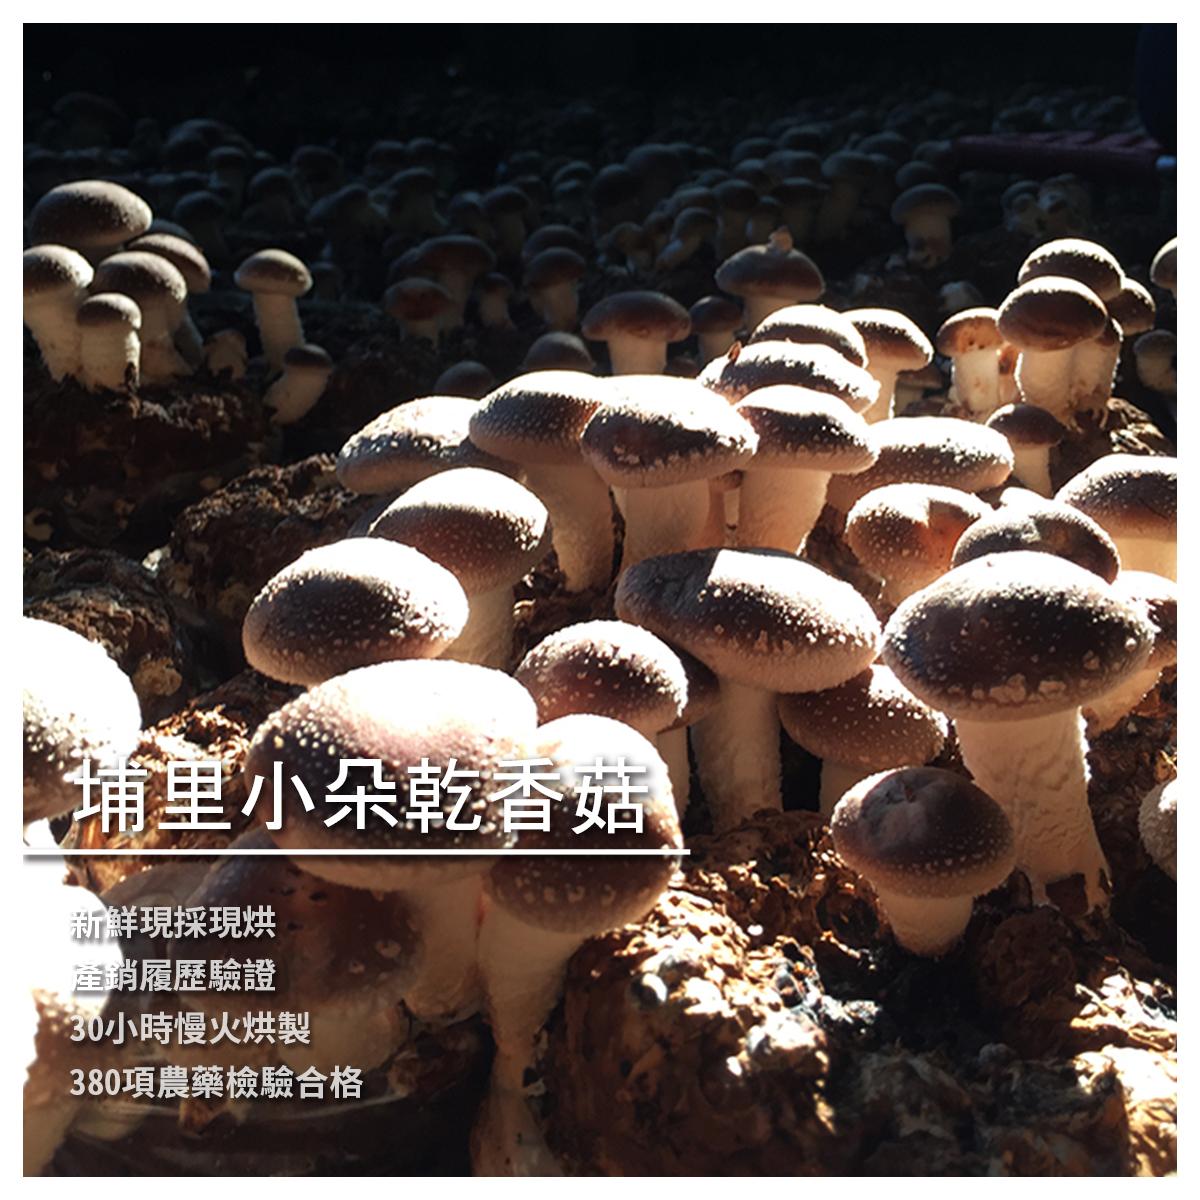 【炘宬香菇農場】埔里小朵乾香菇/600g